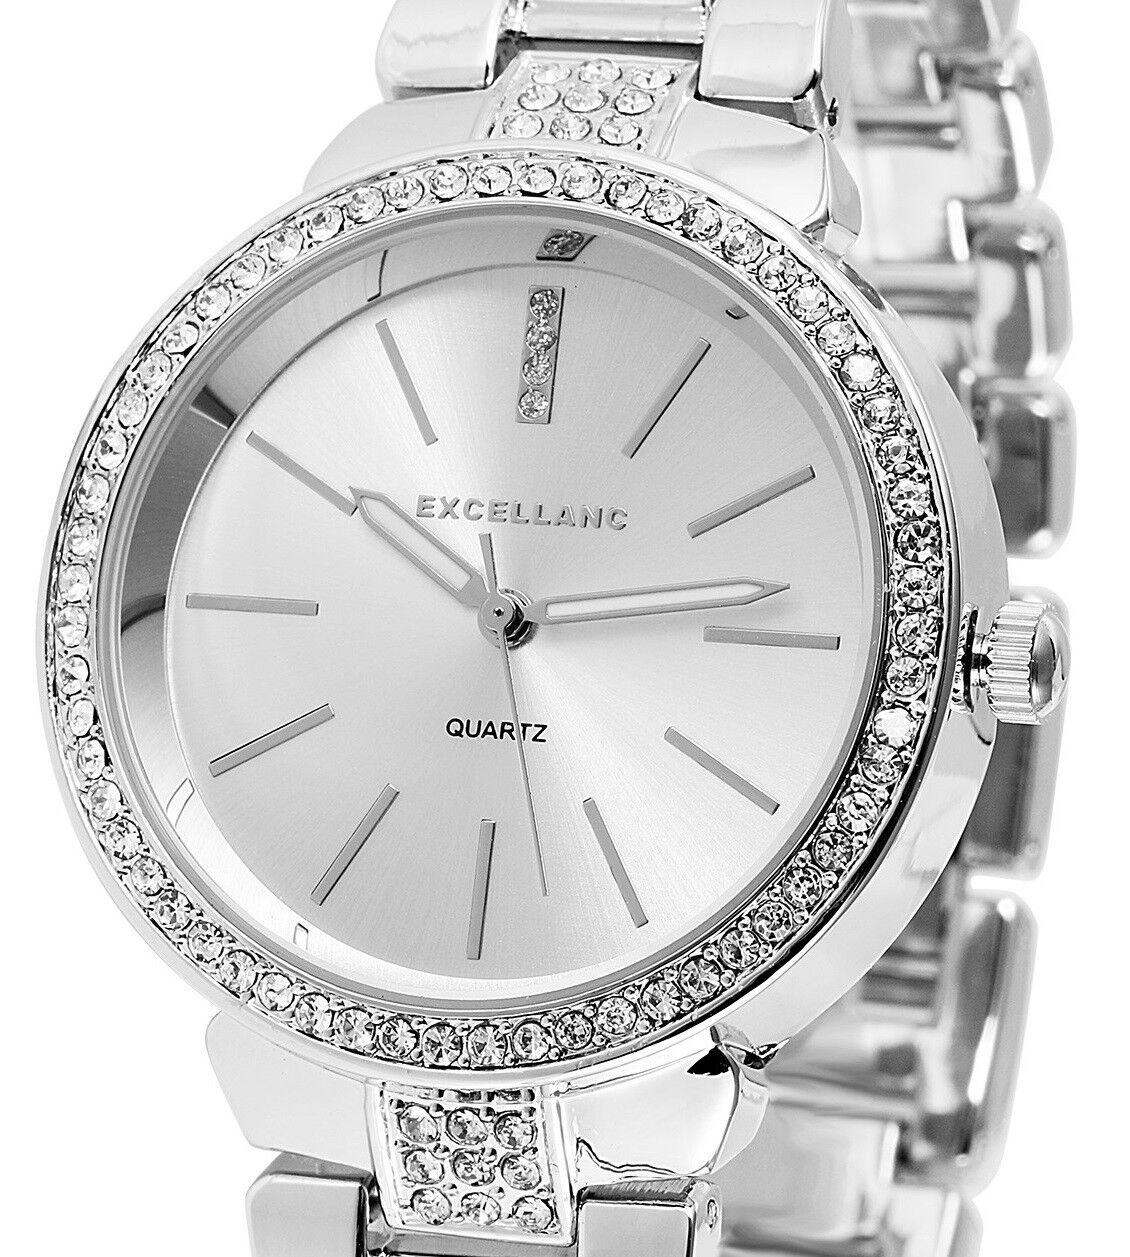 Damenuhr Armbanduhr Silber Crystalbesatz Metallarmband 180/016 von Excellanc